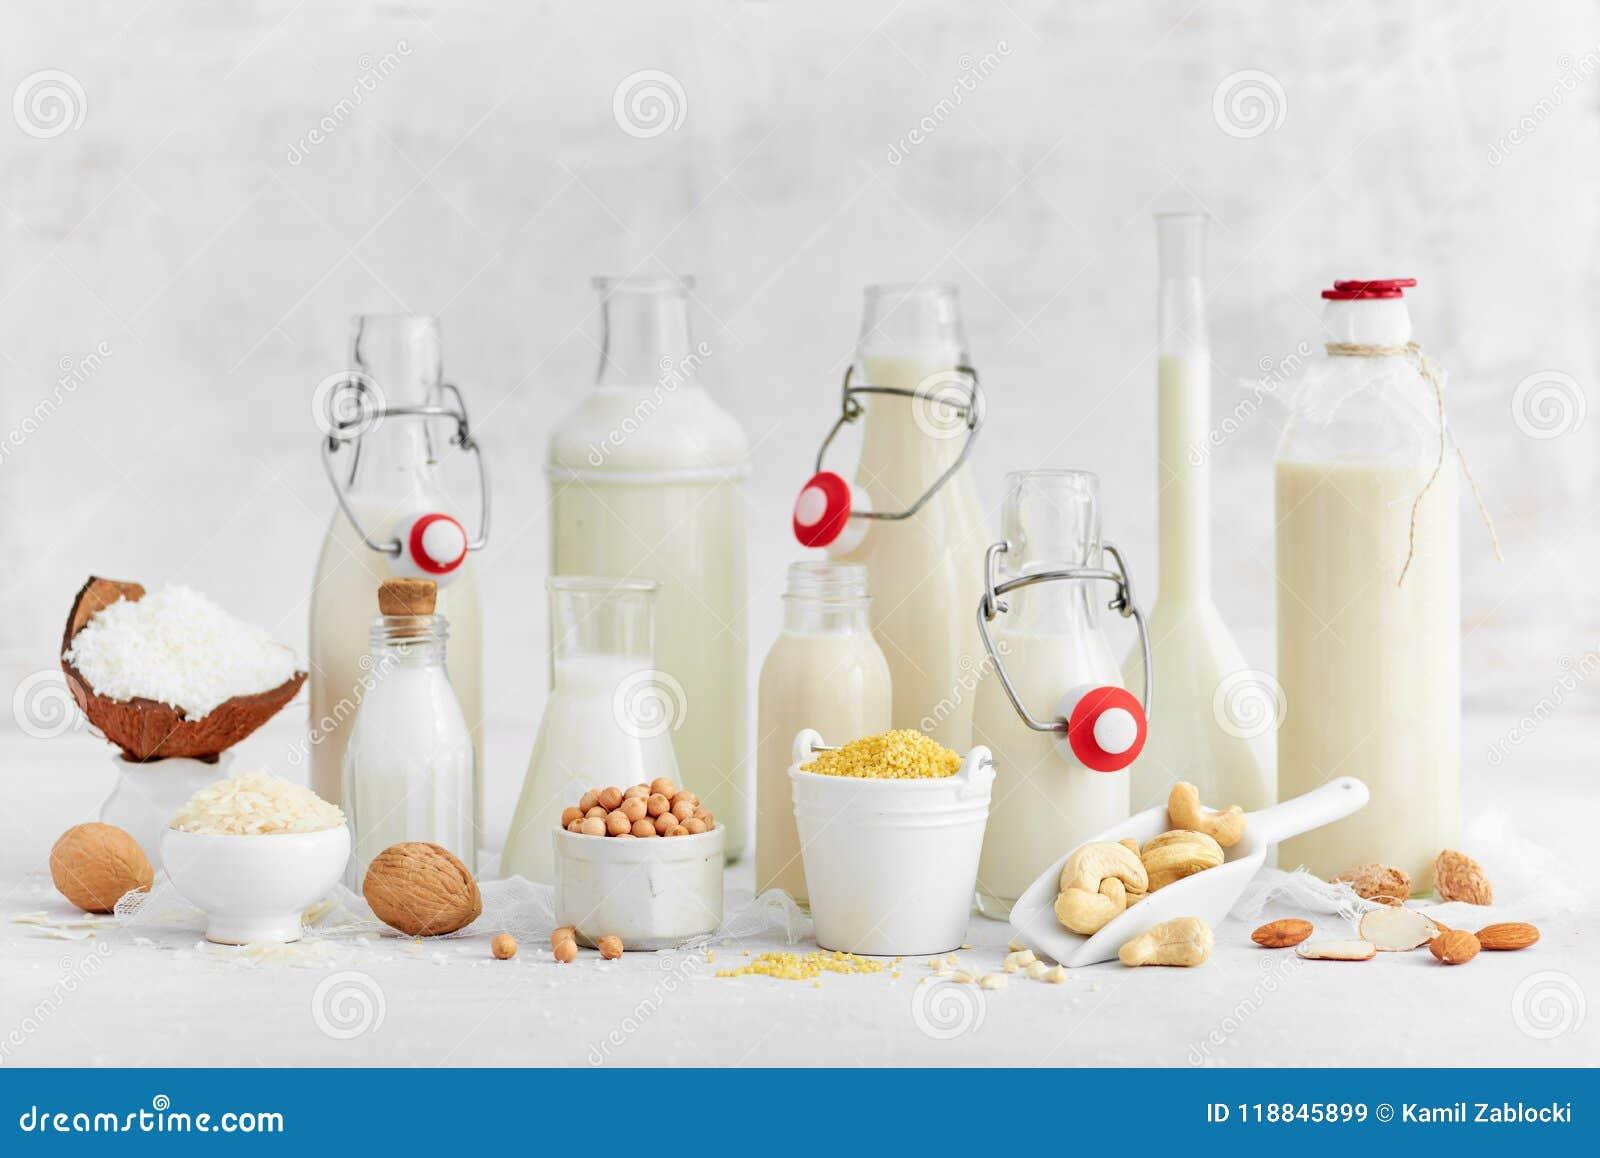 Εναλλακτικοί τύποι γαλάτων Γαλακτοκομικό γάλα υποκατάστατων Vegan